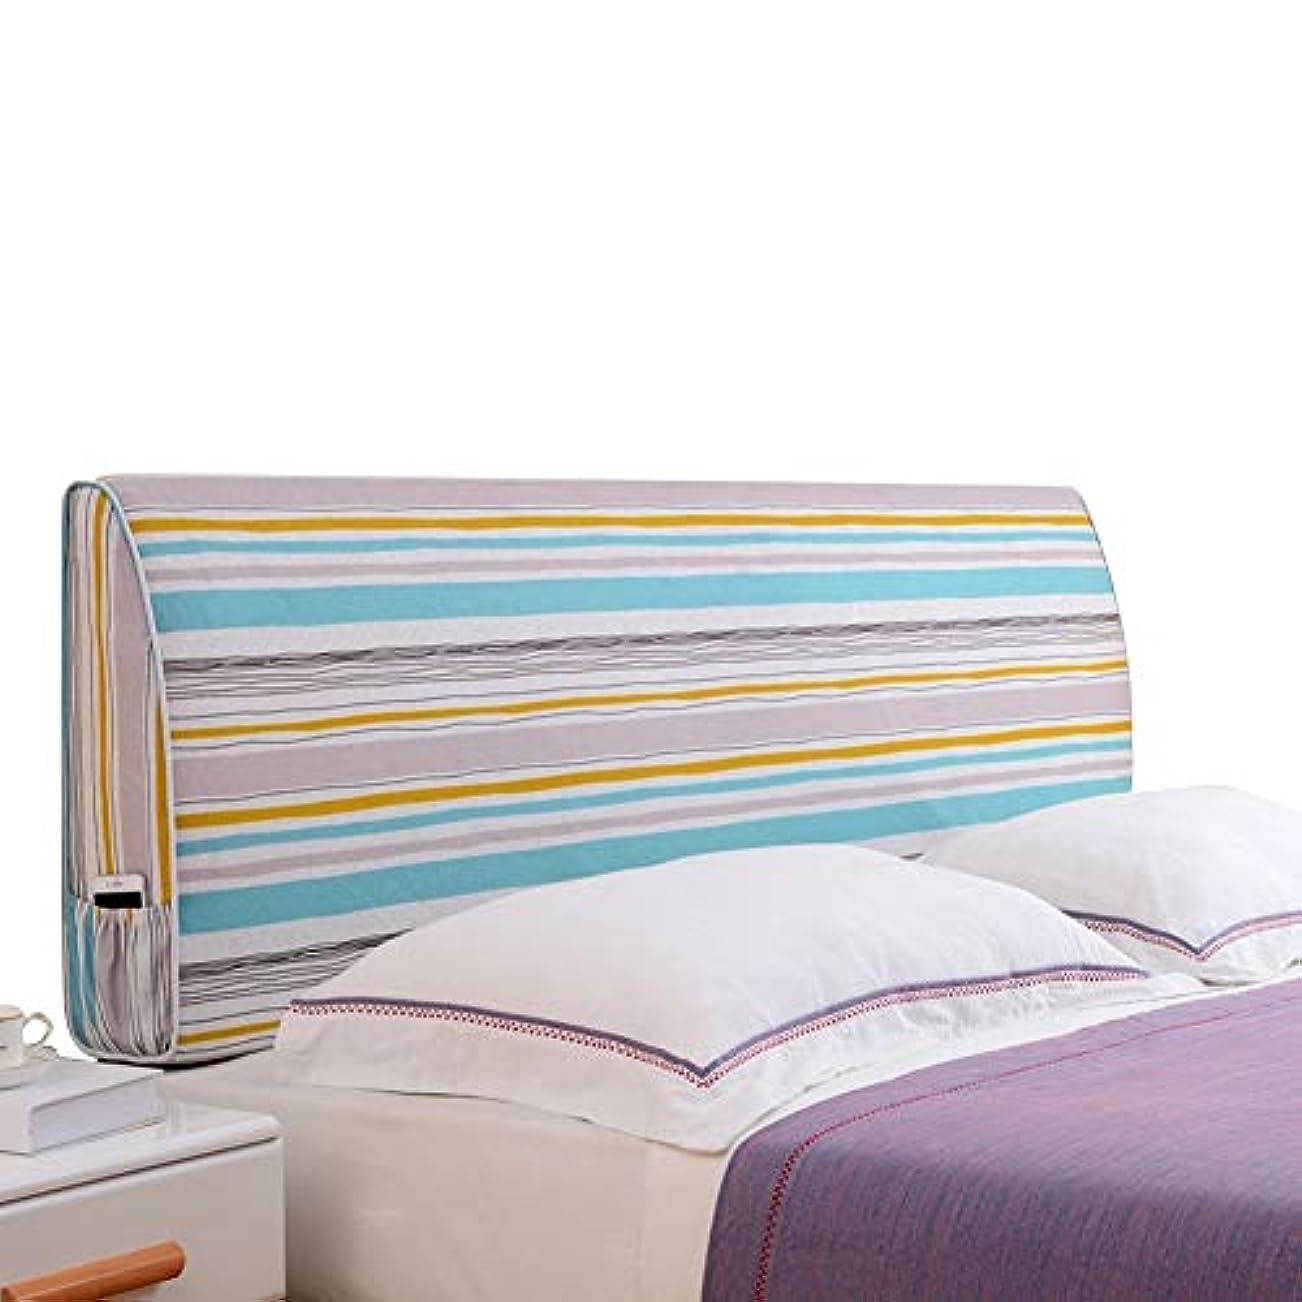 衣服暴力的なフィードオンLIANGLIANG クションベッドの背もたれ ダブルベッド 寝室 印刷 枕 高密度 スポンジ 無味 環境を守ること、 6色 (Color : B, Size : 180CM)